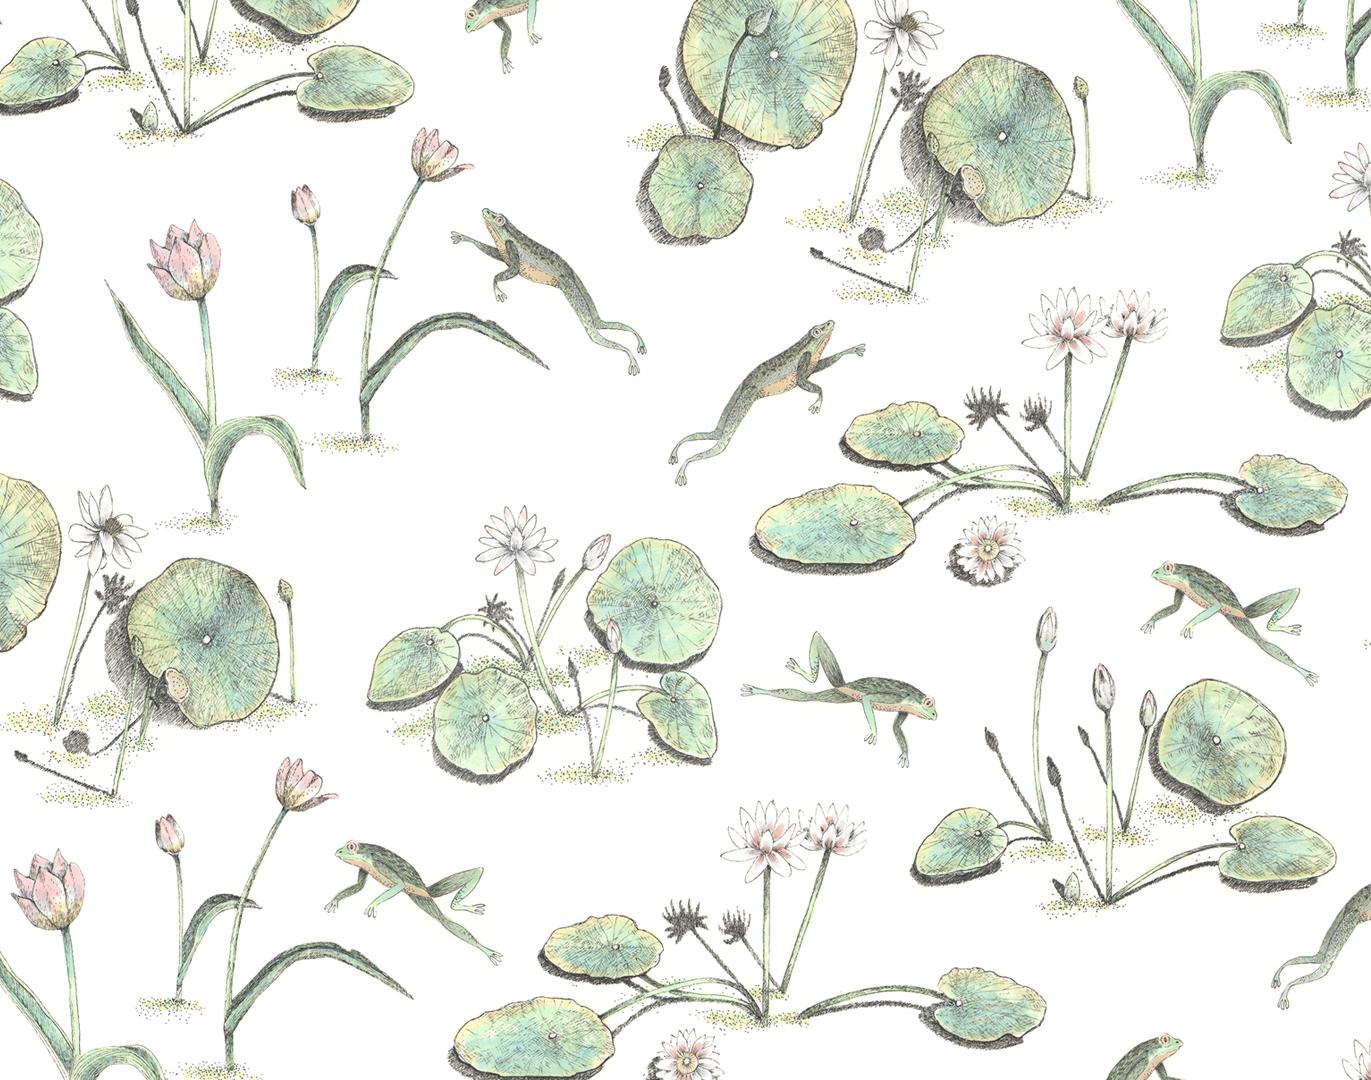 Allira_Lilypads-and-Frogs